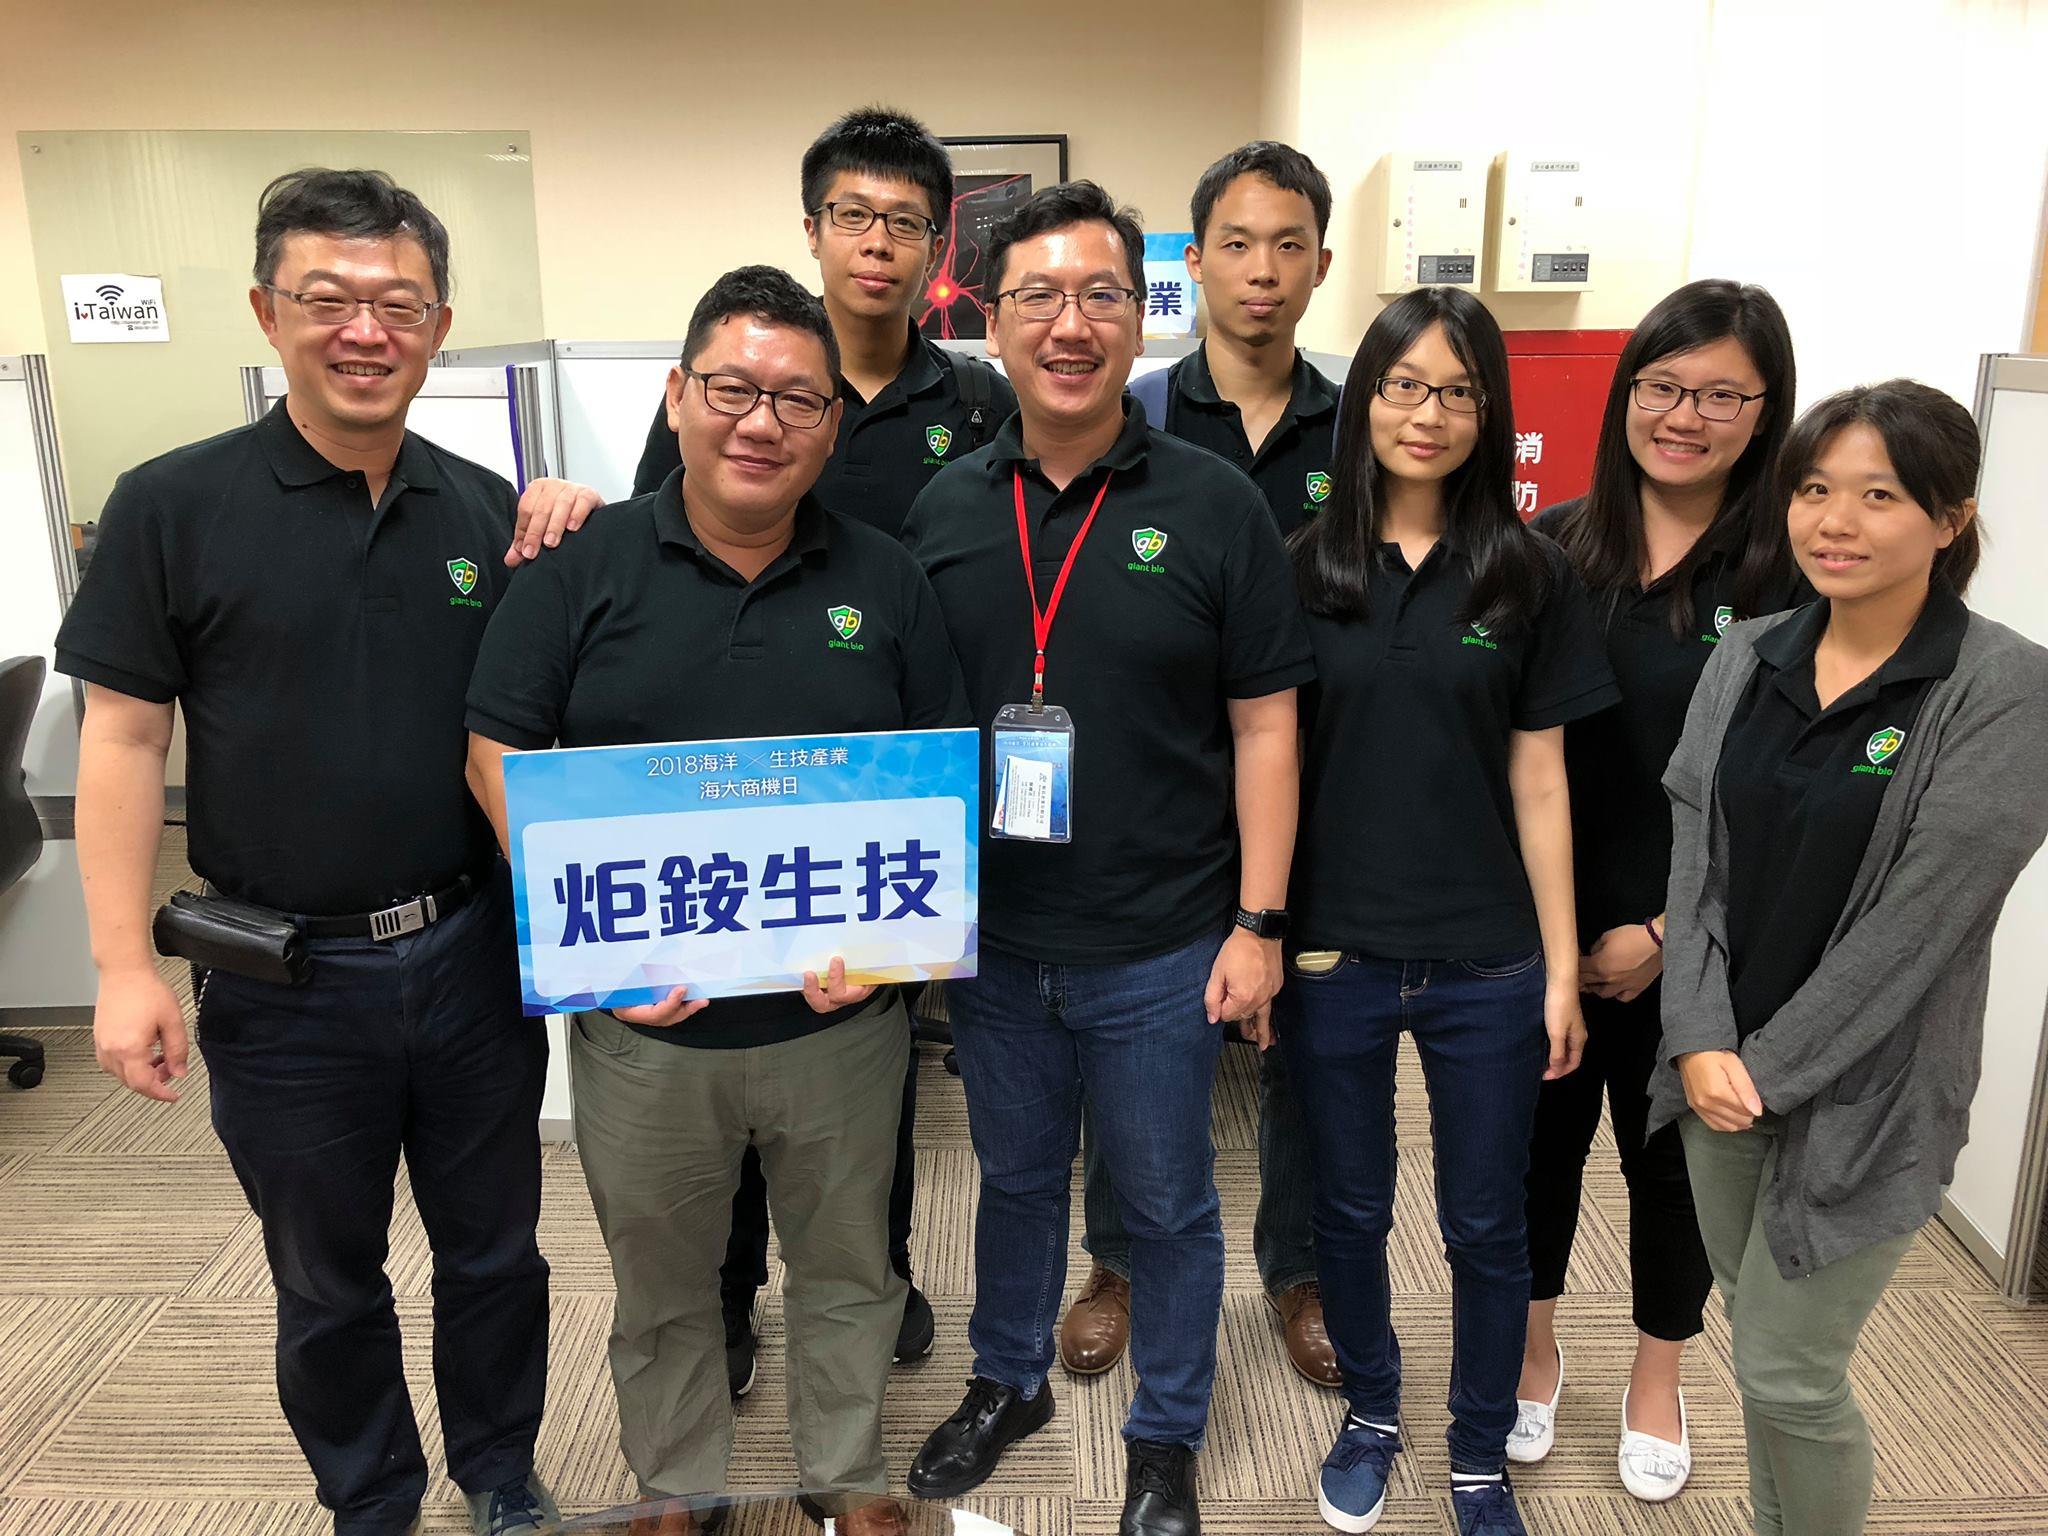 海洋大學衍生新創公司-炬銨生技團隊